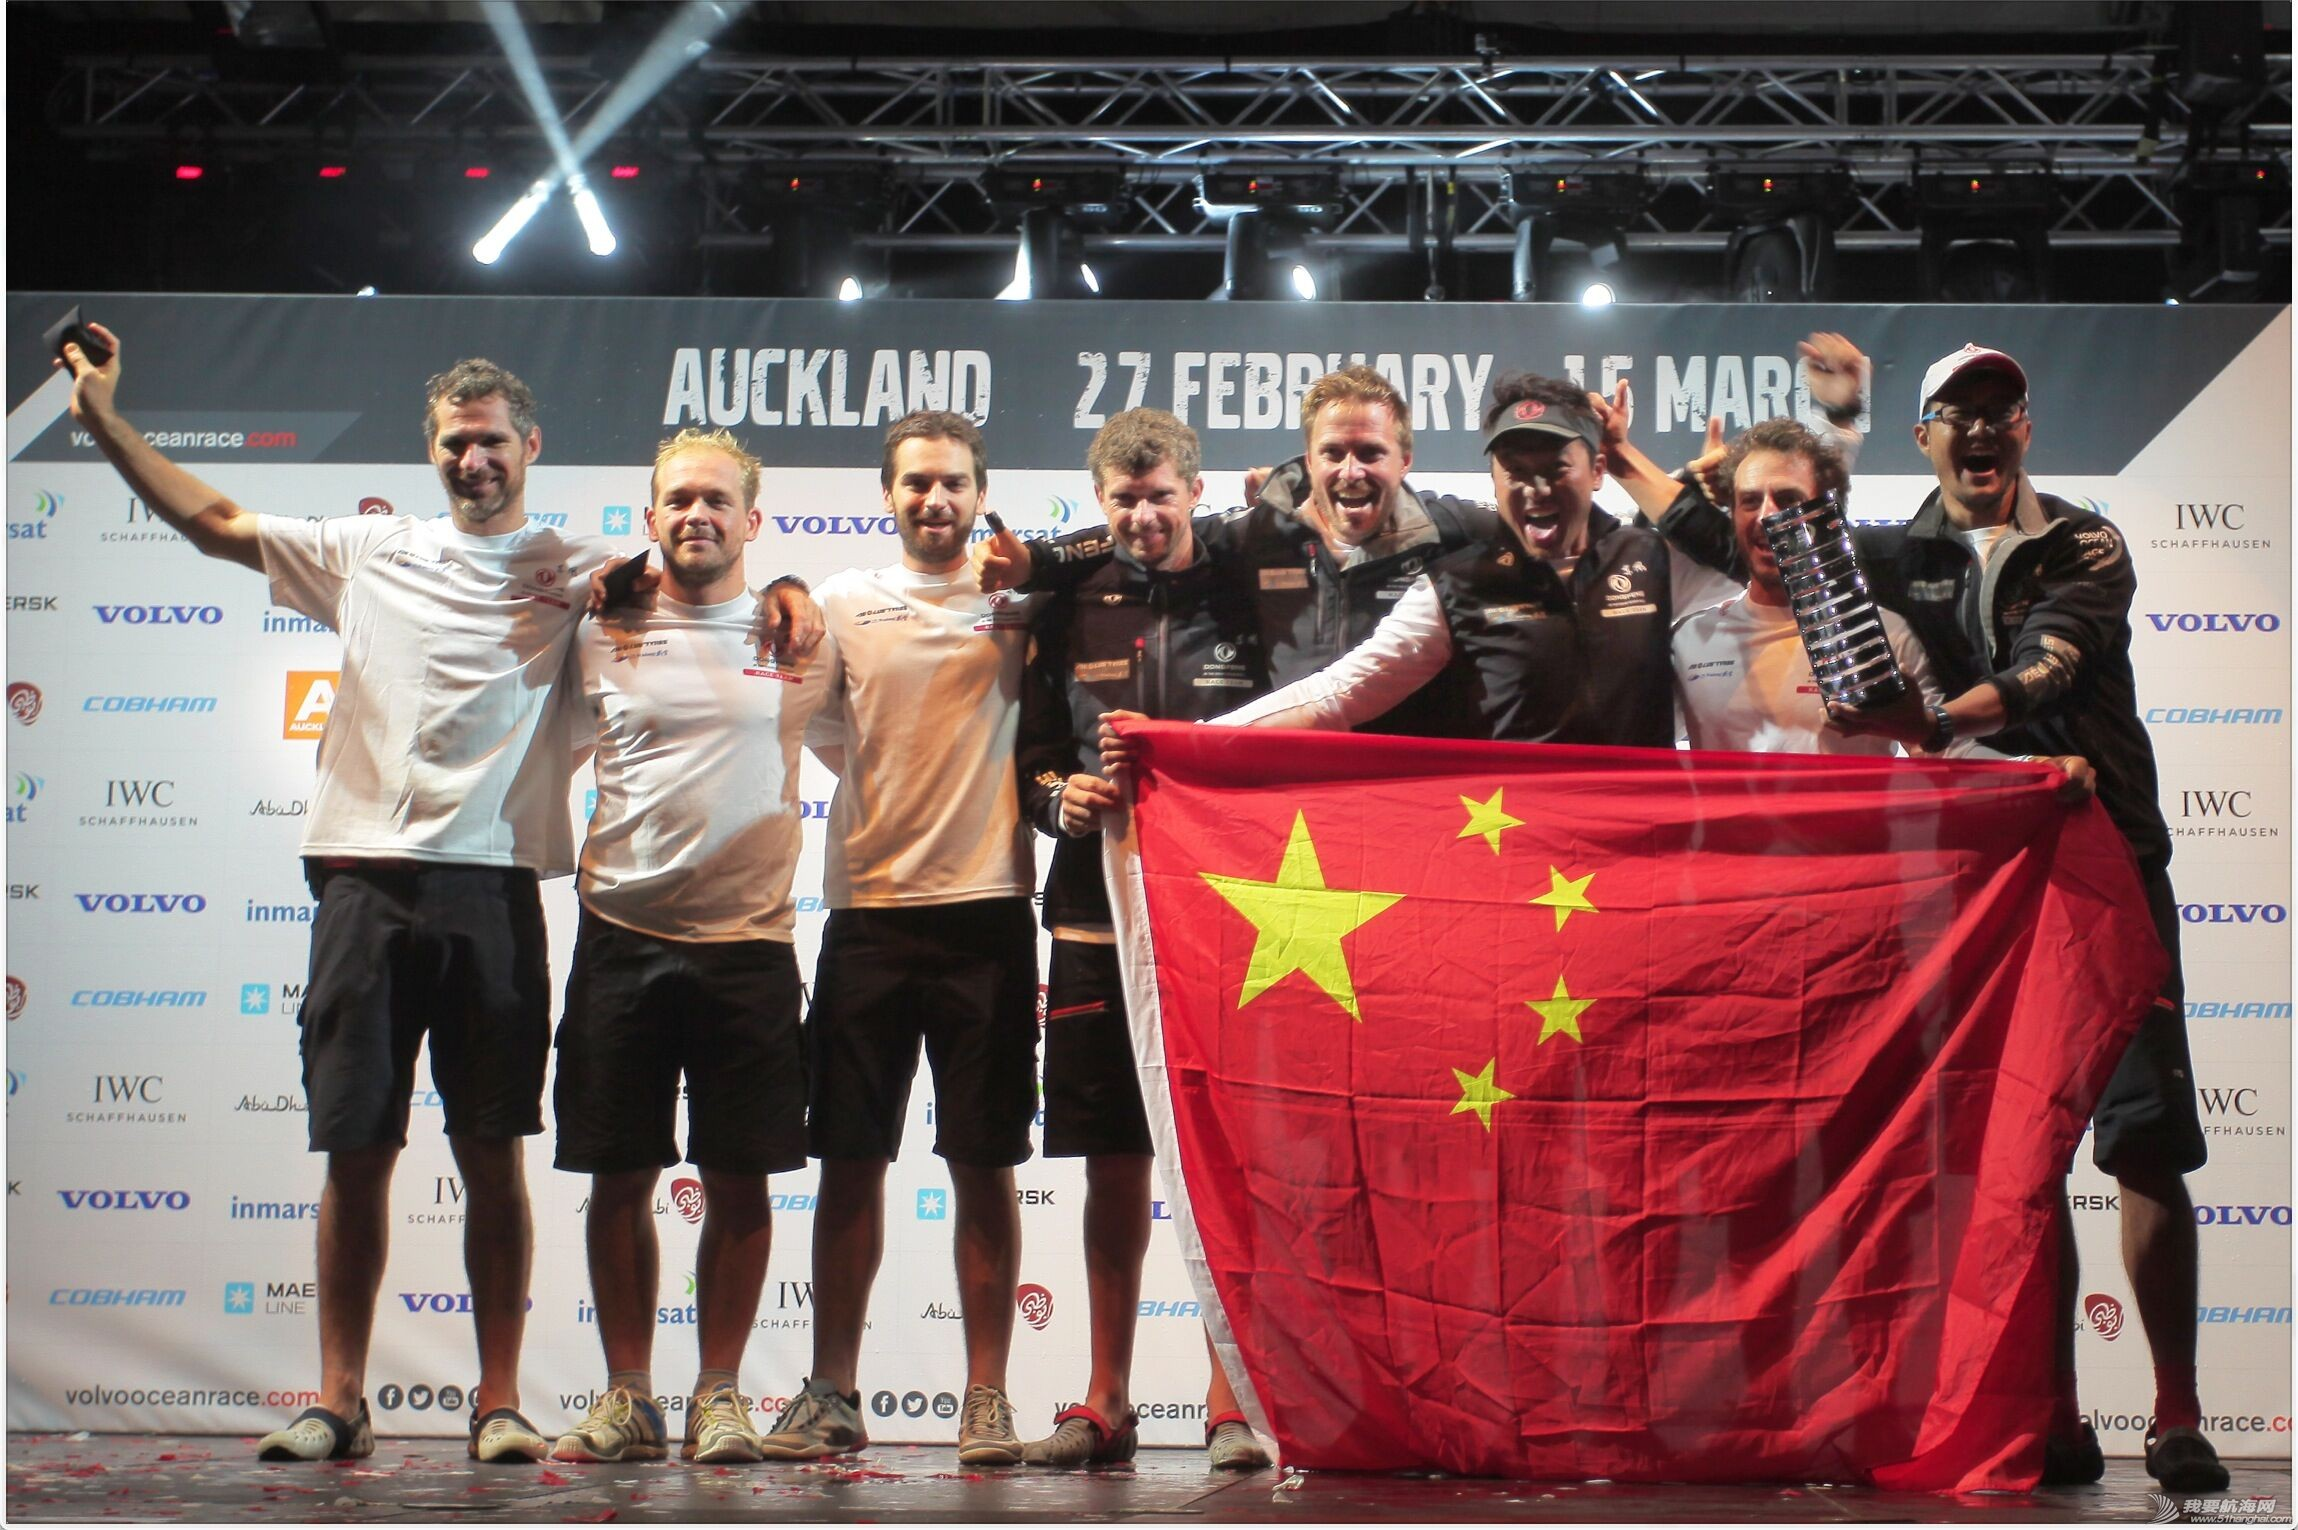 北京时间,阿布扎比,沃尔沃,菲律宾,新西兰 八分钟差距惜败,东风队斩获第四赛段季军